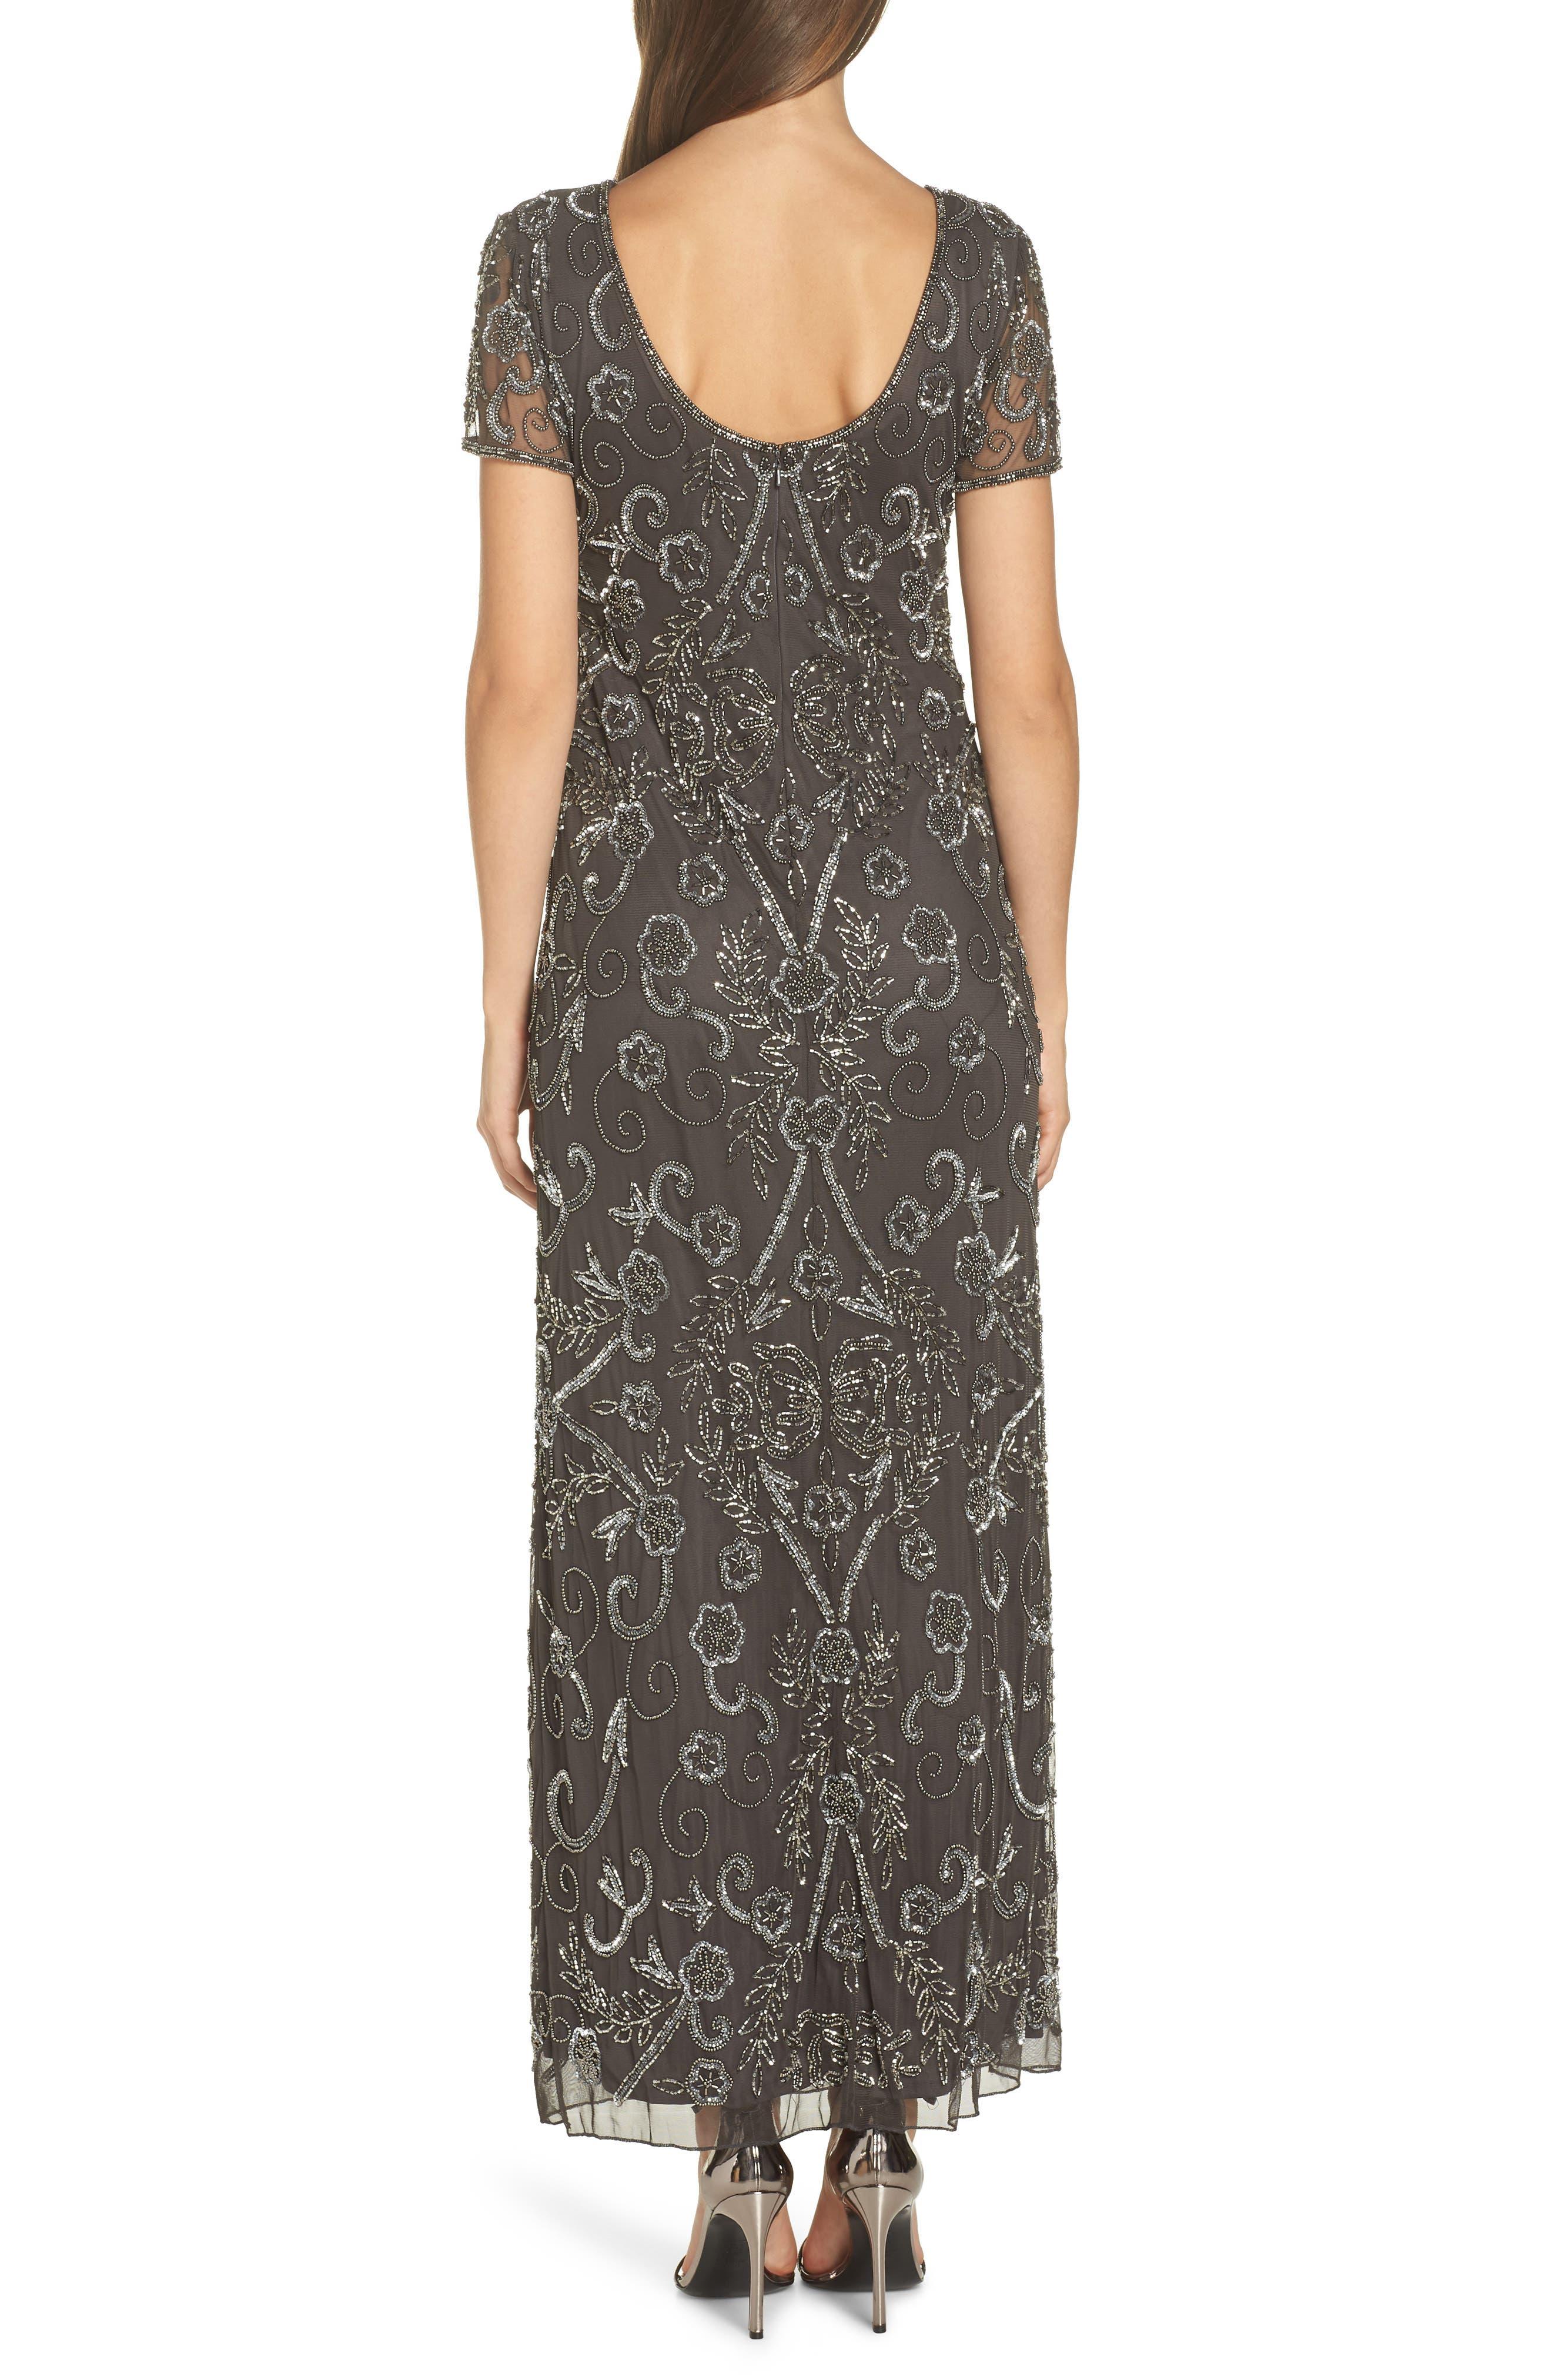 PISARRO NIGHTS, Embellished Mesh Evening Dress, Alternate thumbnail 2, color, SLIVER / GREY